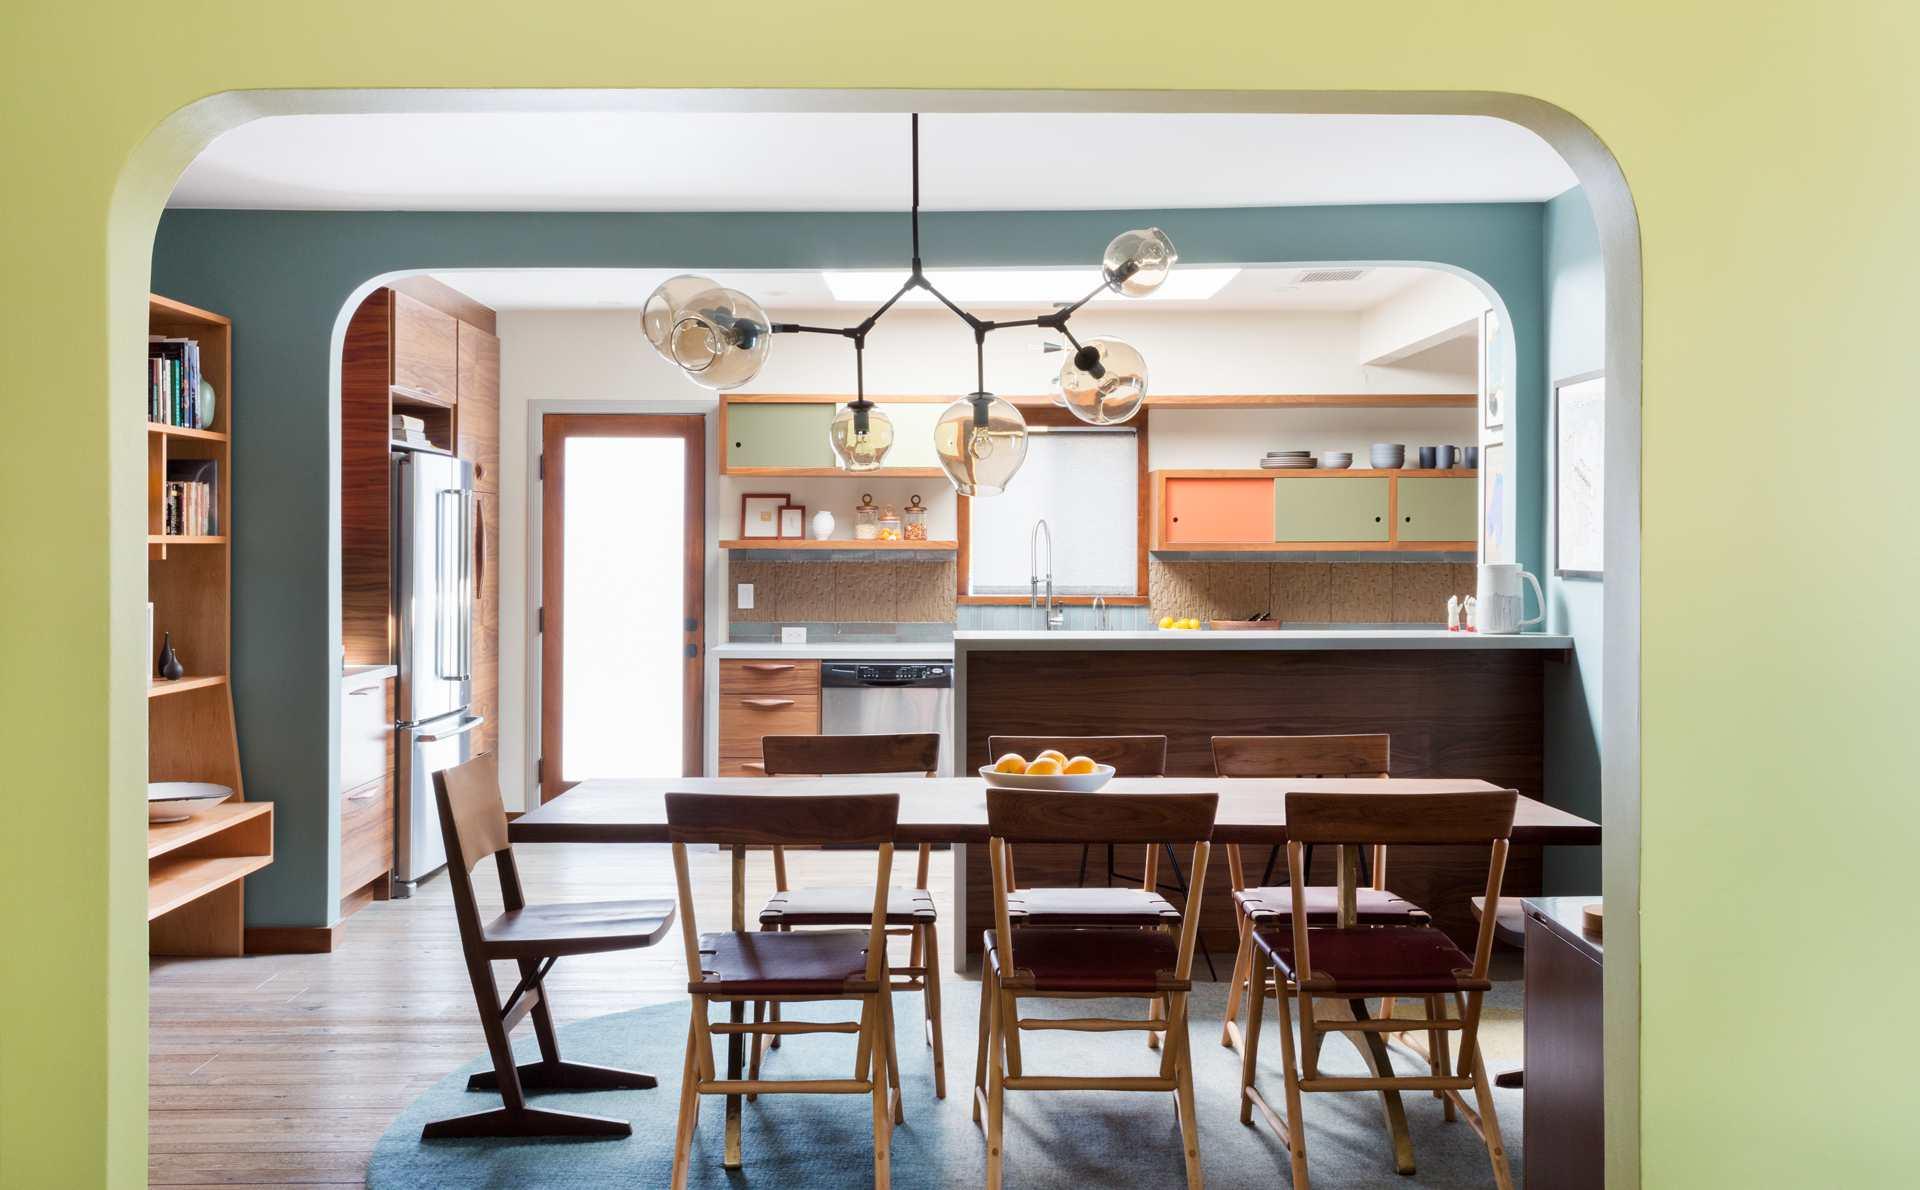 cocina contemporánea colorida